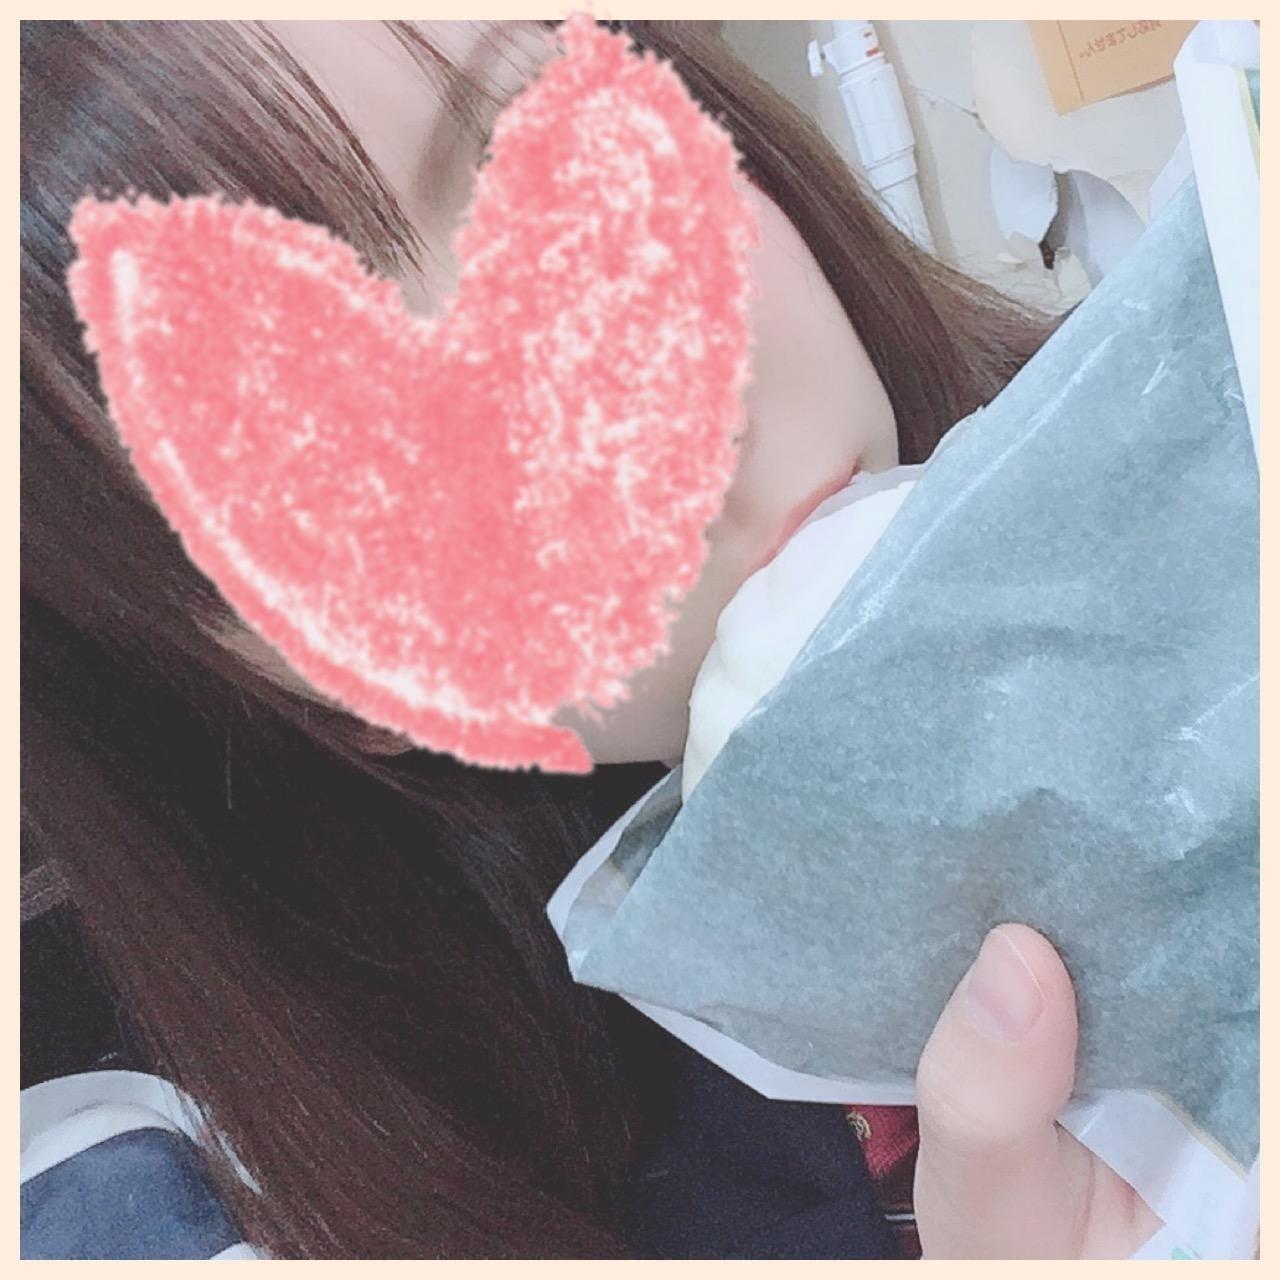 「かな」11/11(日) 19:28 | かなの写メ・風俗動画